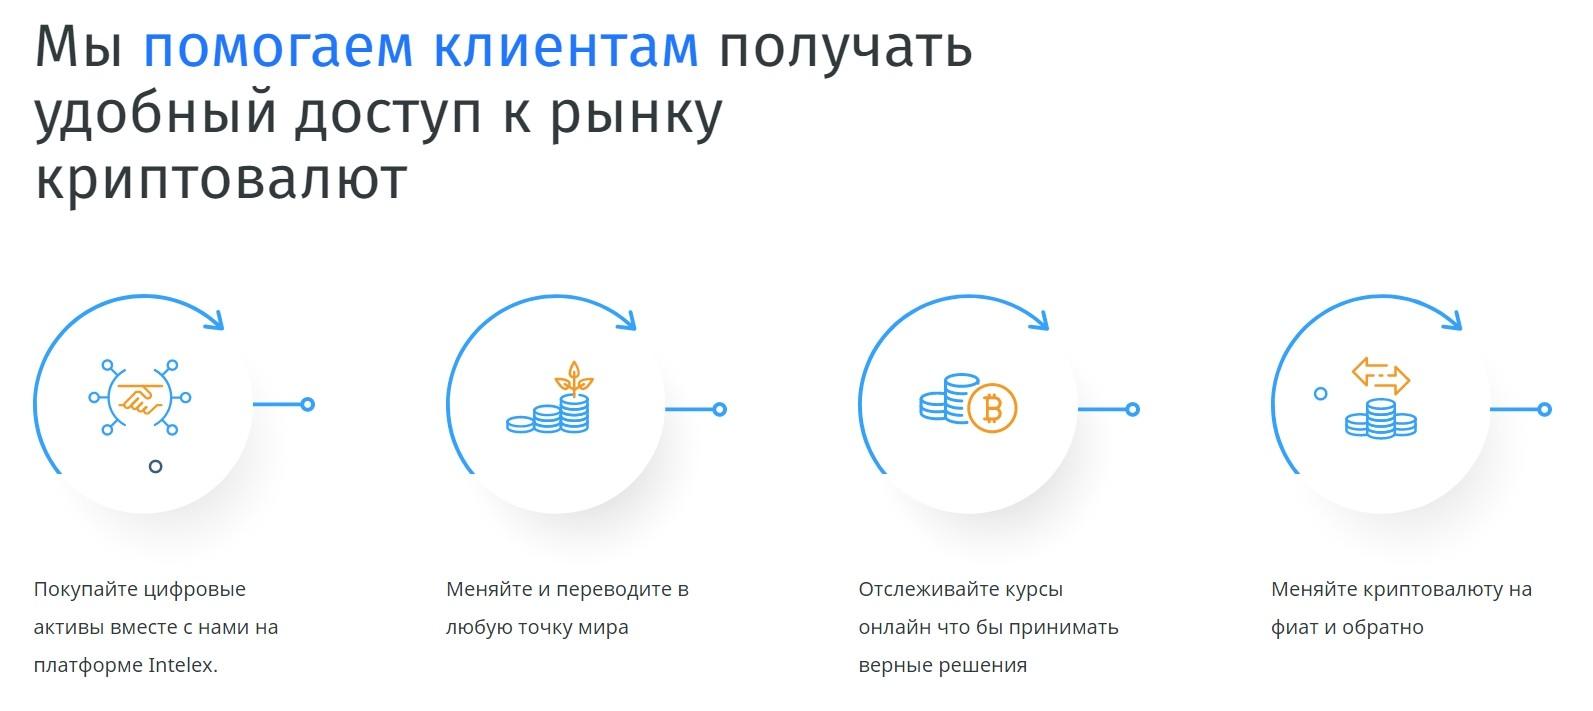 Деятельность компании Intelex